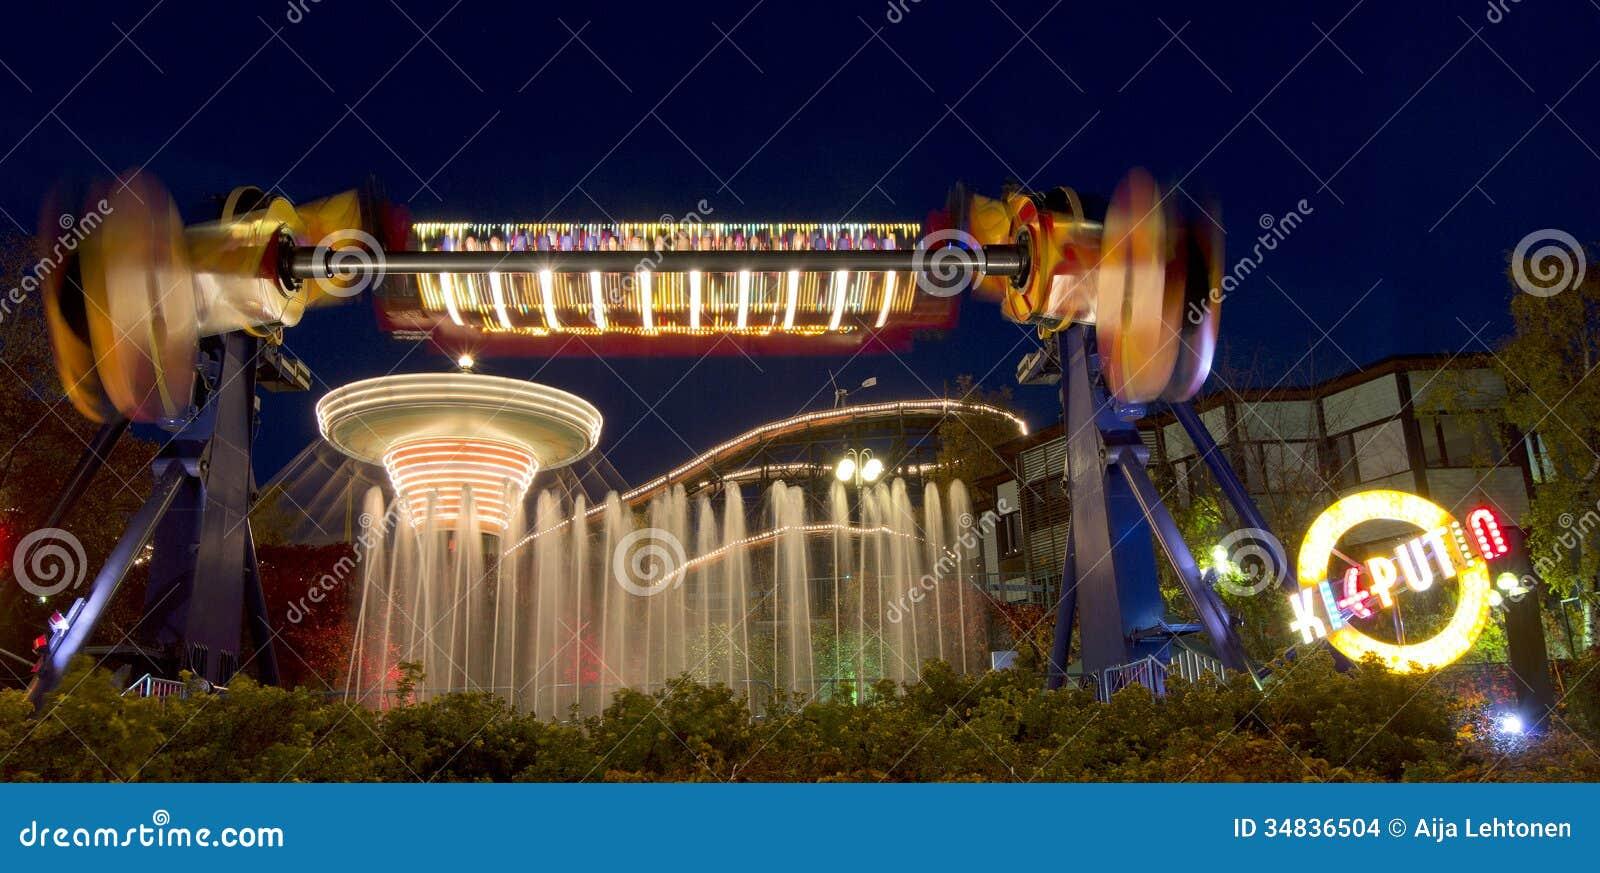 Carnaval de lumière au parc d attractions de Linnanmaki